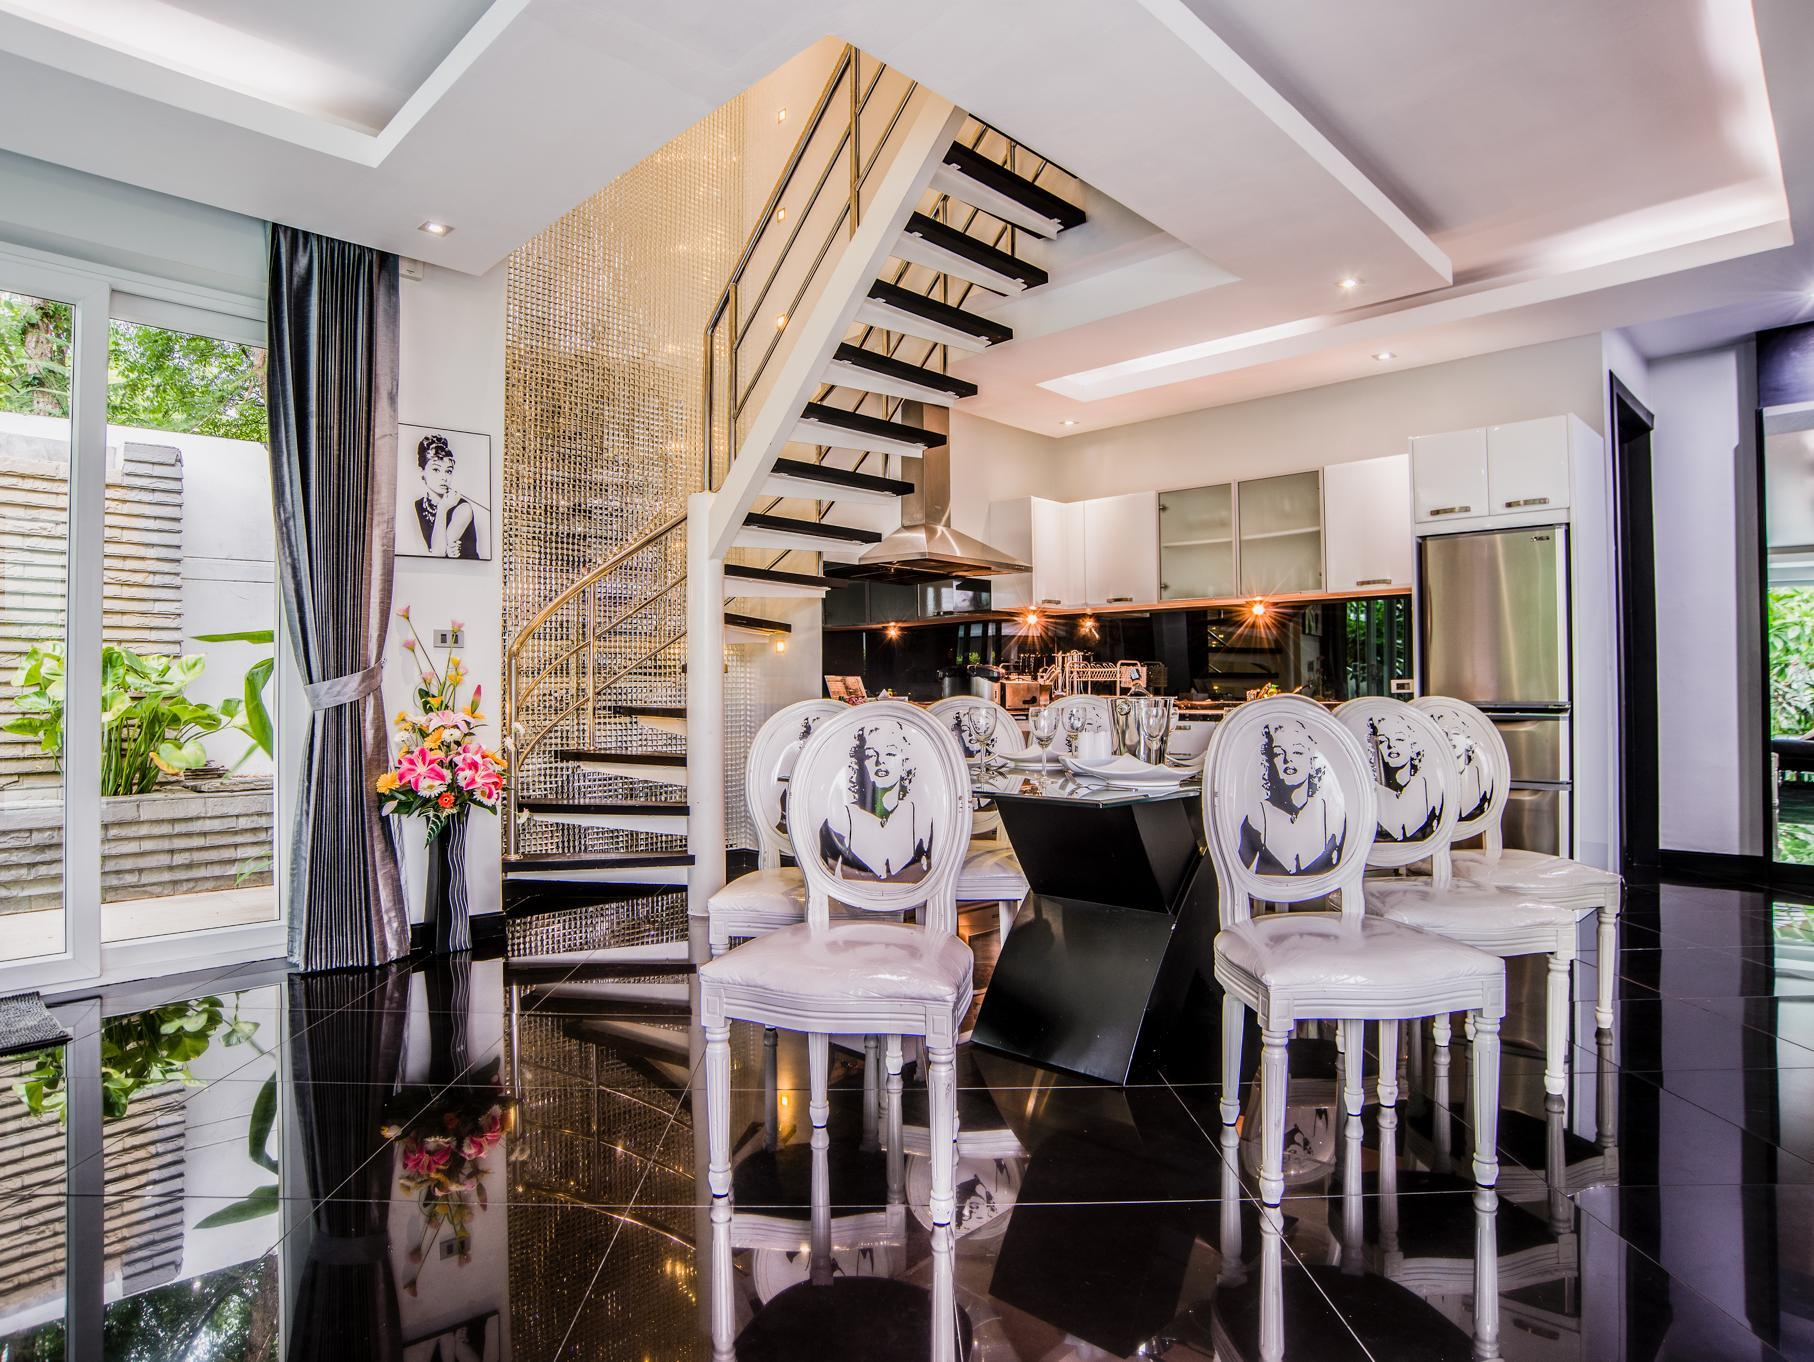 Vip villas in pattaya pattaya. sista minuten erbjudanden på agoda.com